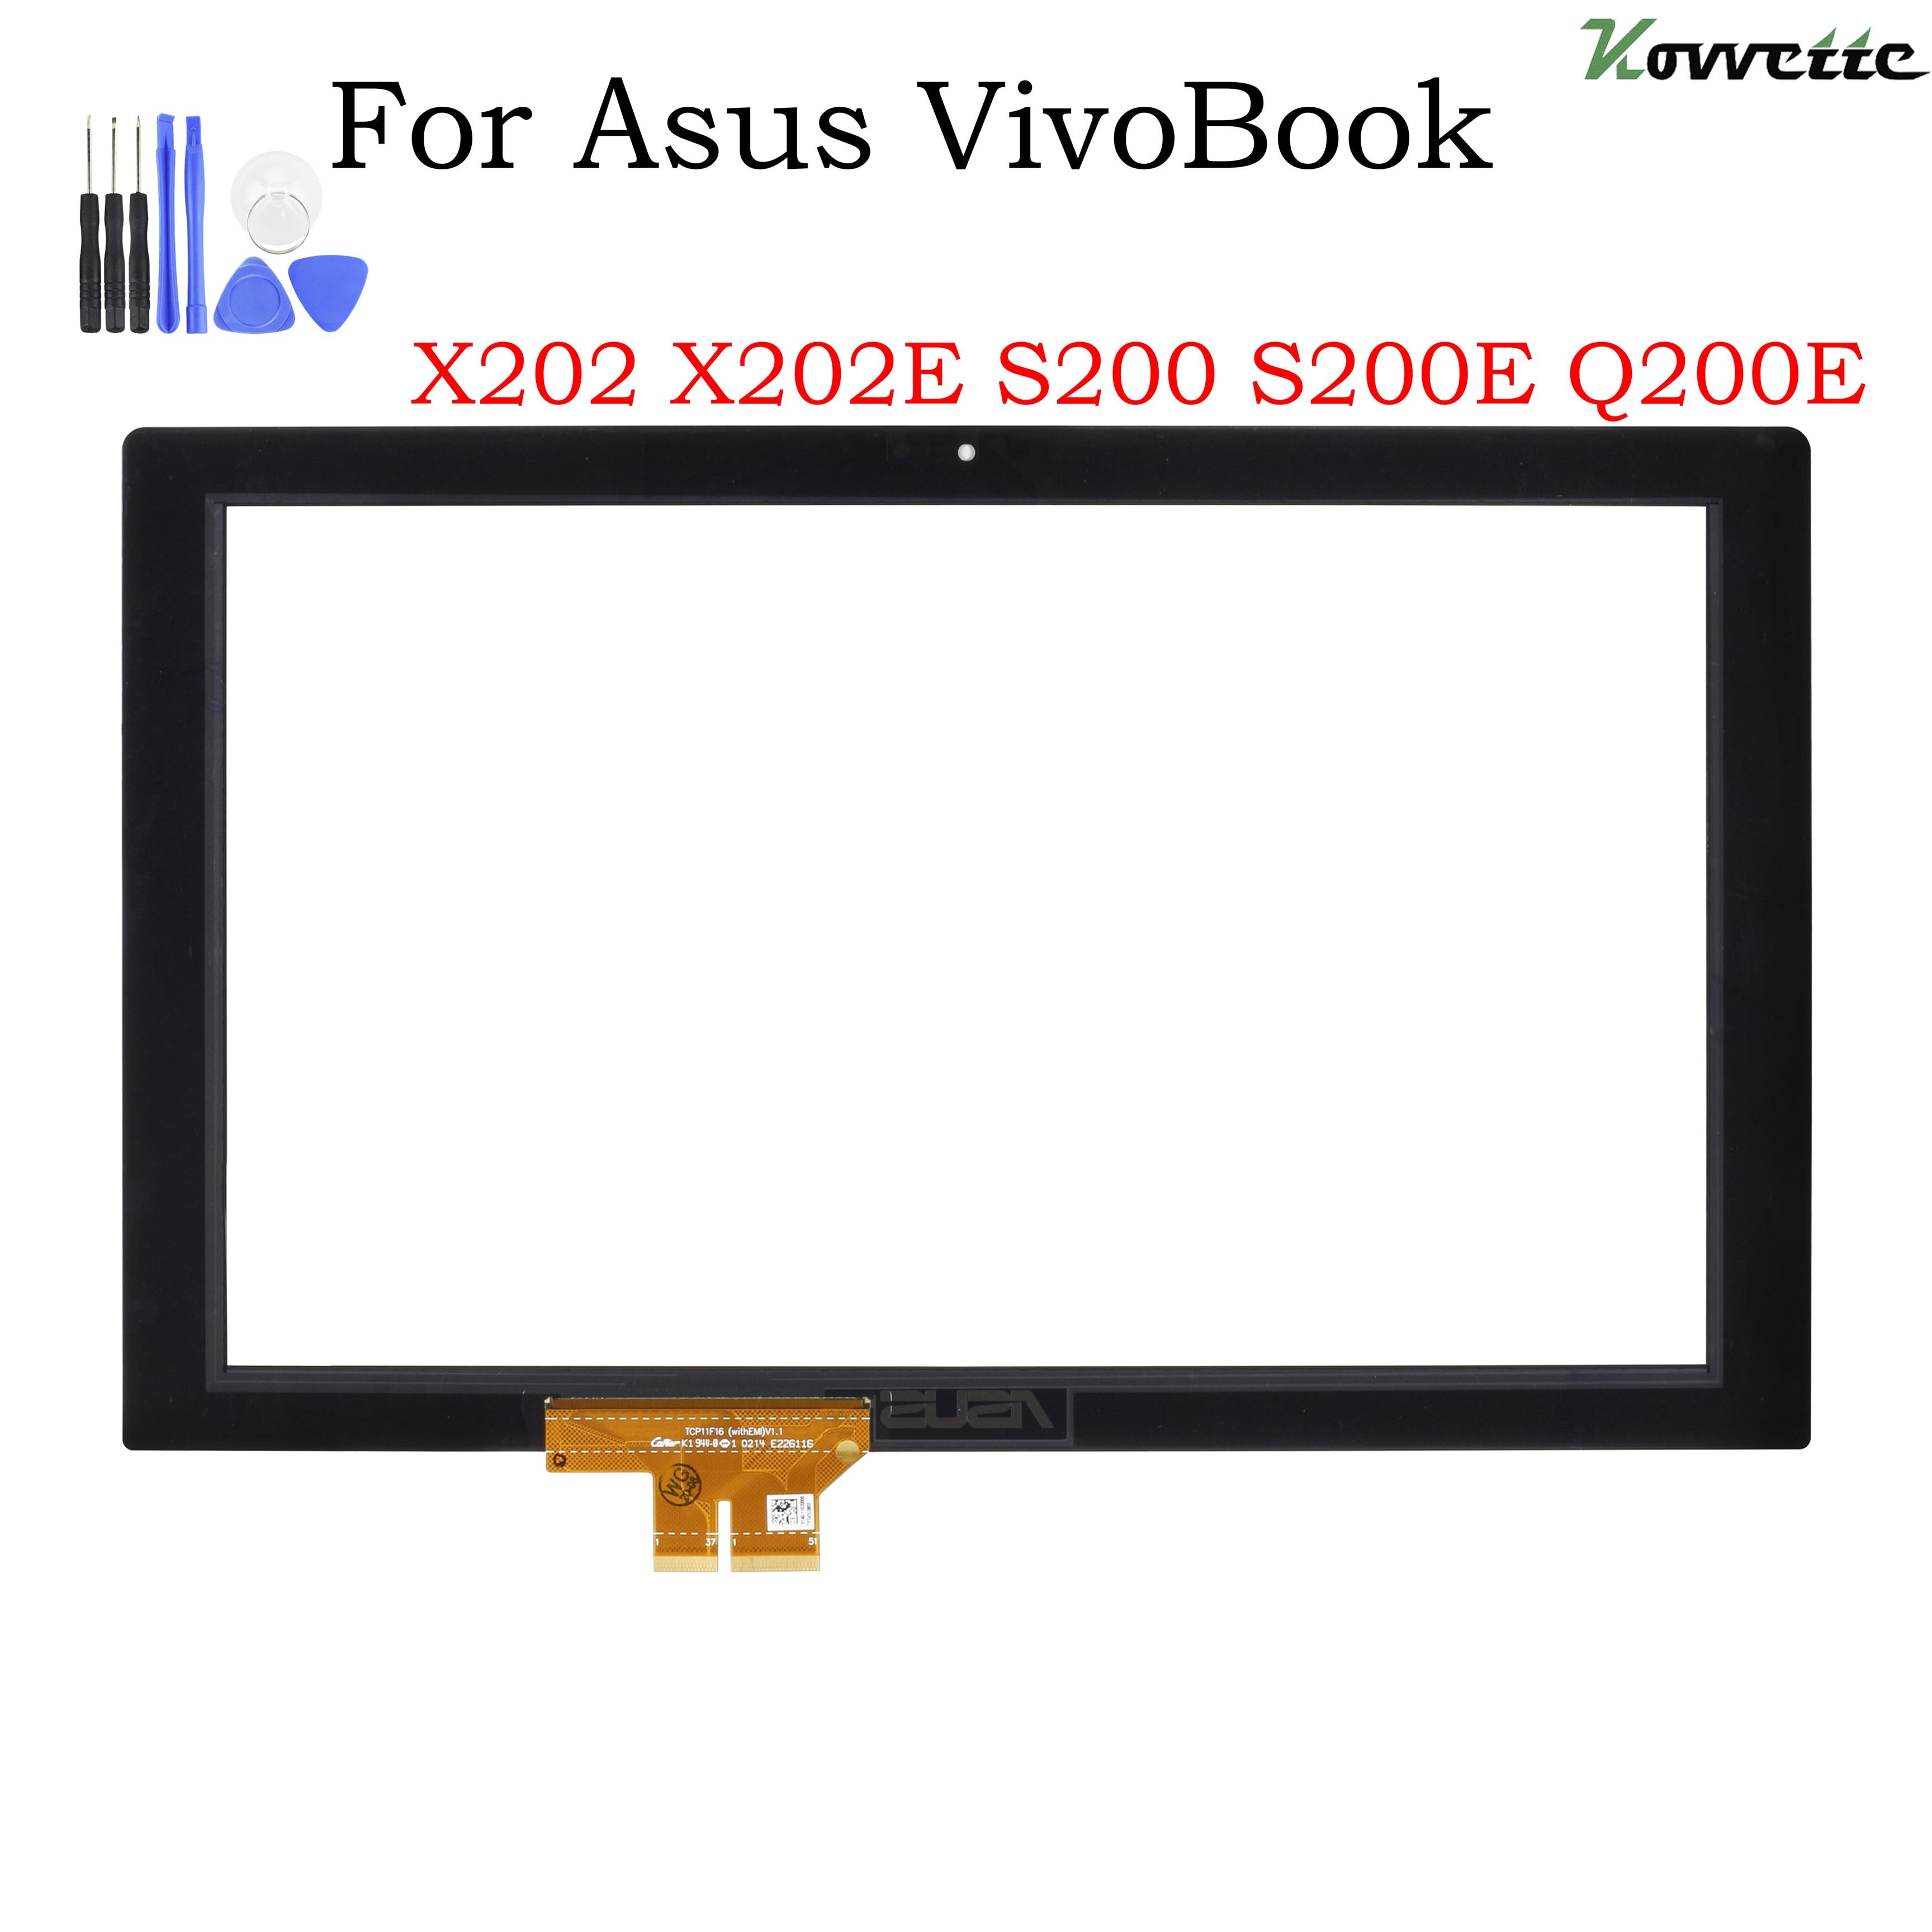 Сенсорный экран дигитайзер для Asus VivoBook X202 X202E S200 S200E Q200 стеклянная панель Замена Бесплатная доставка